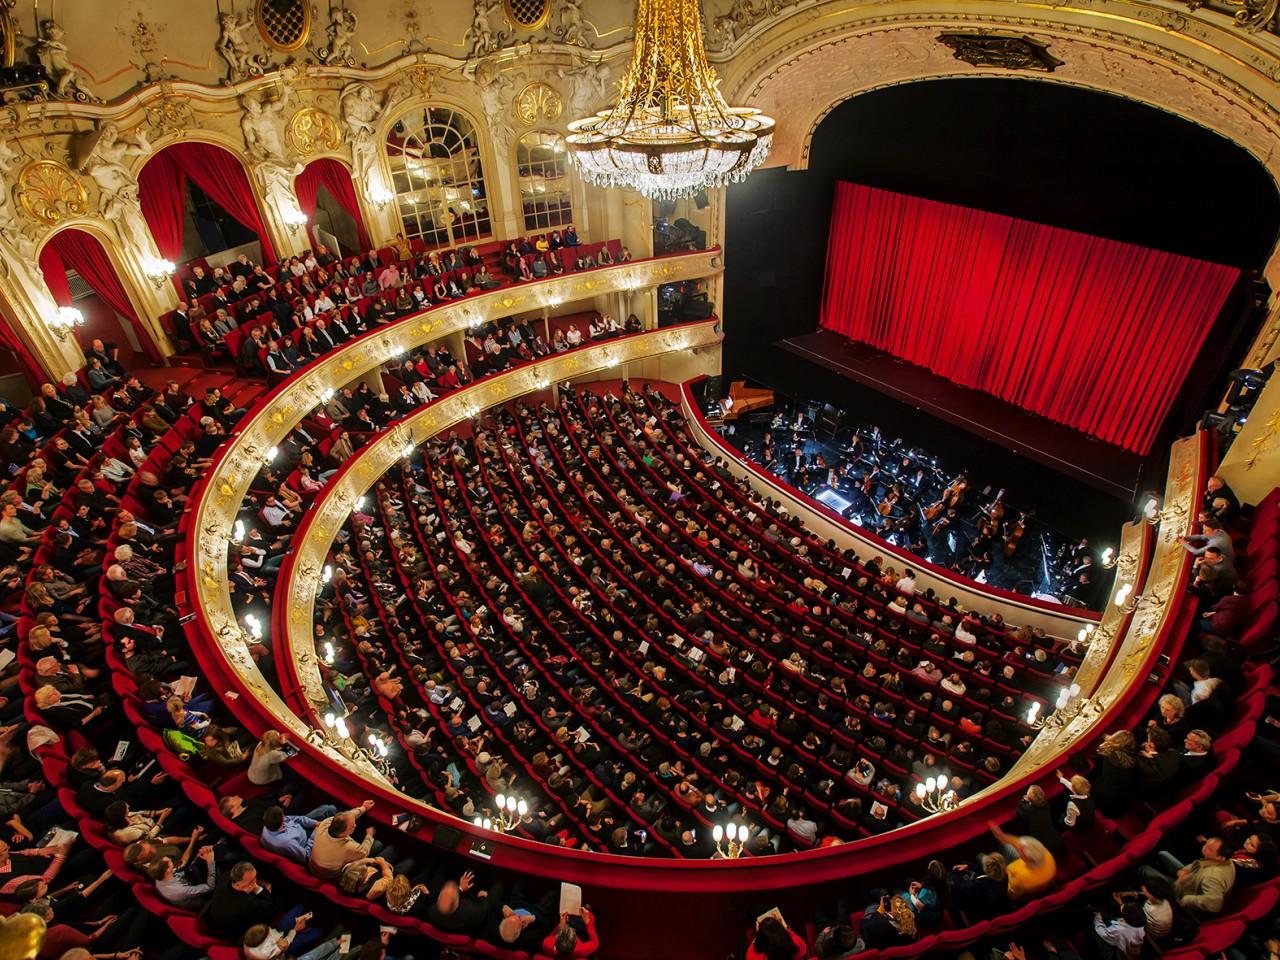 Komische Opera Berlin